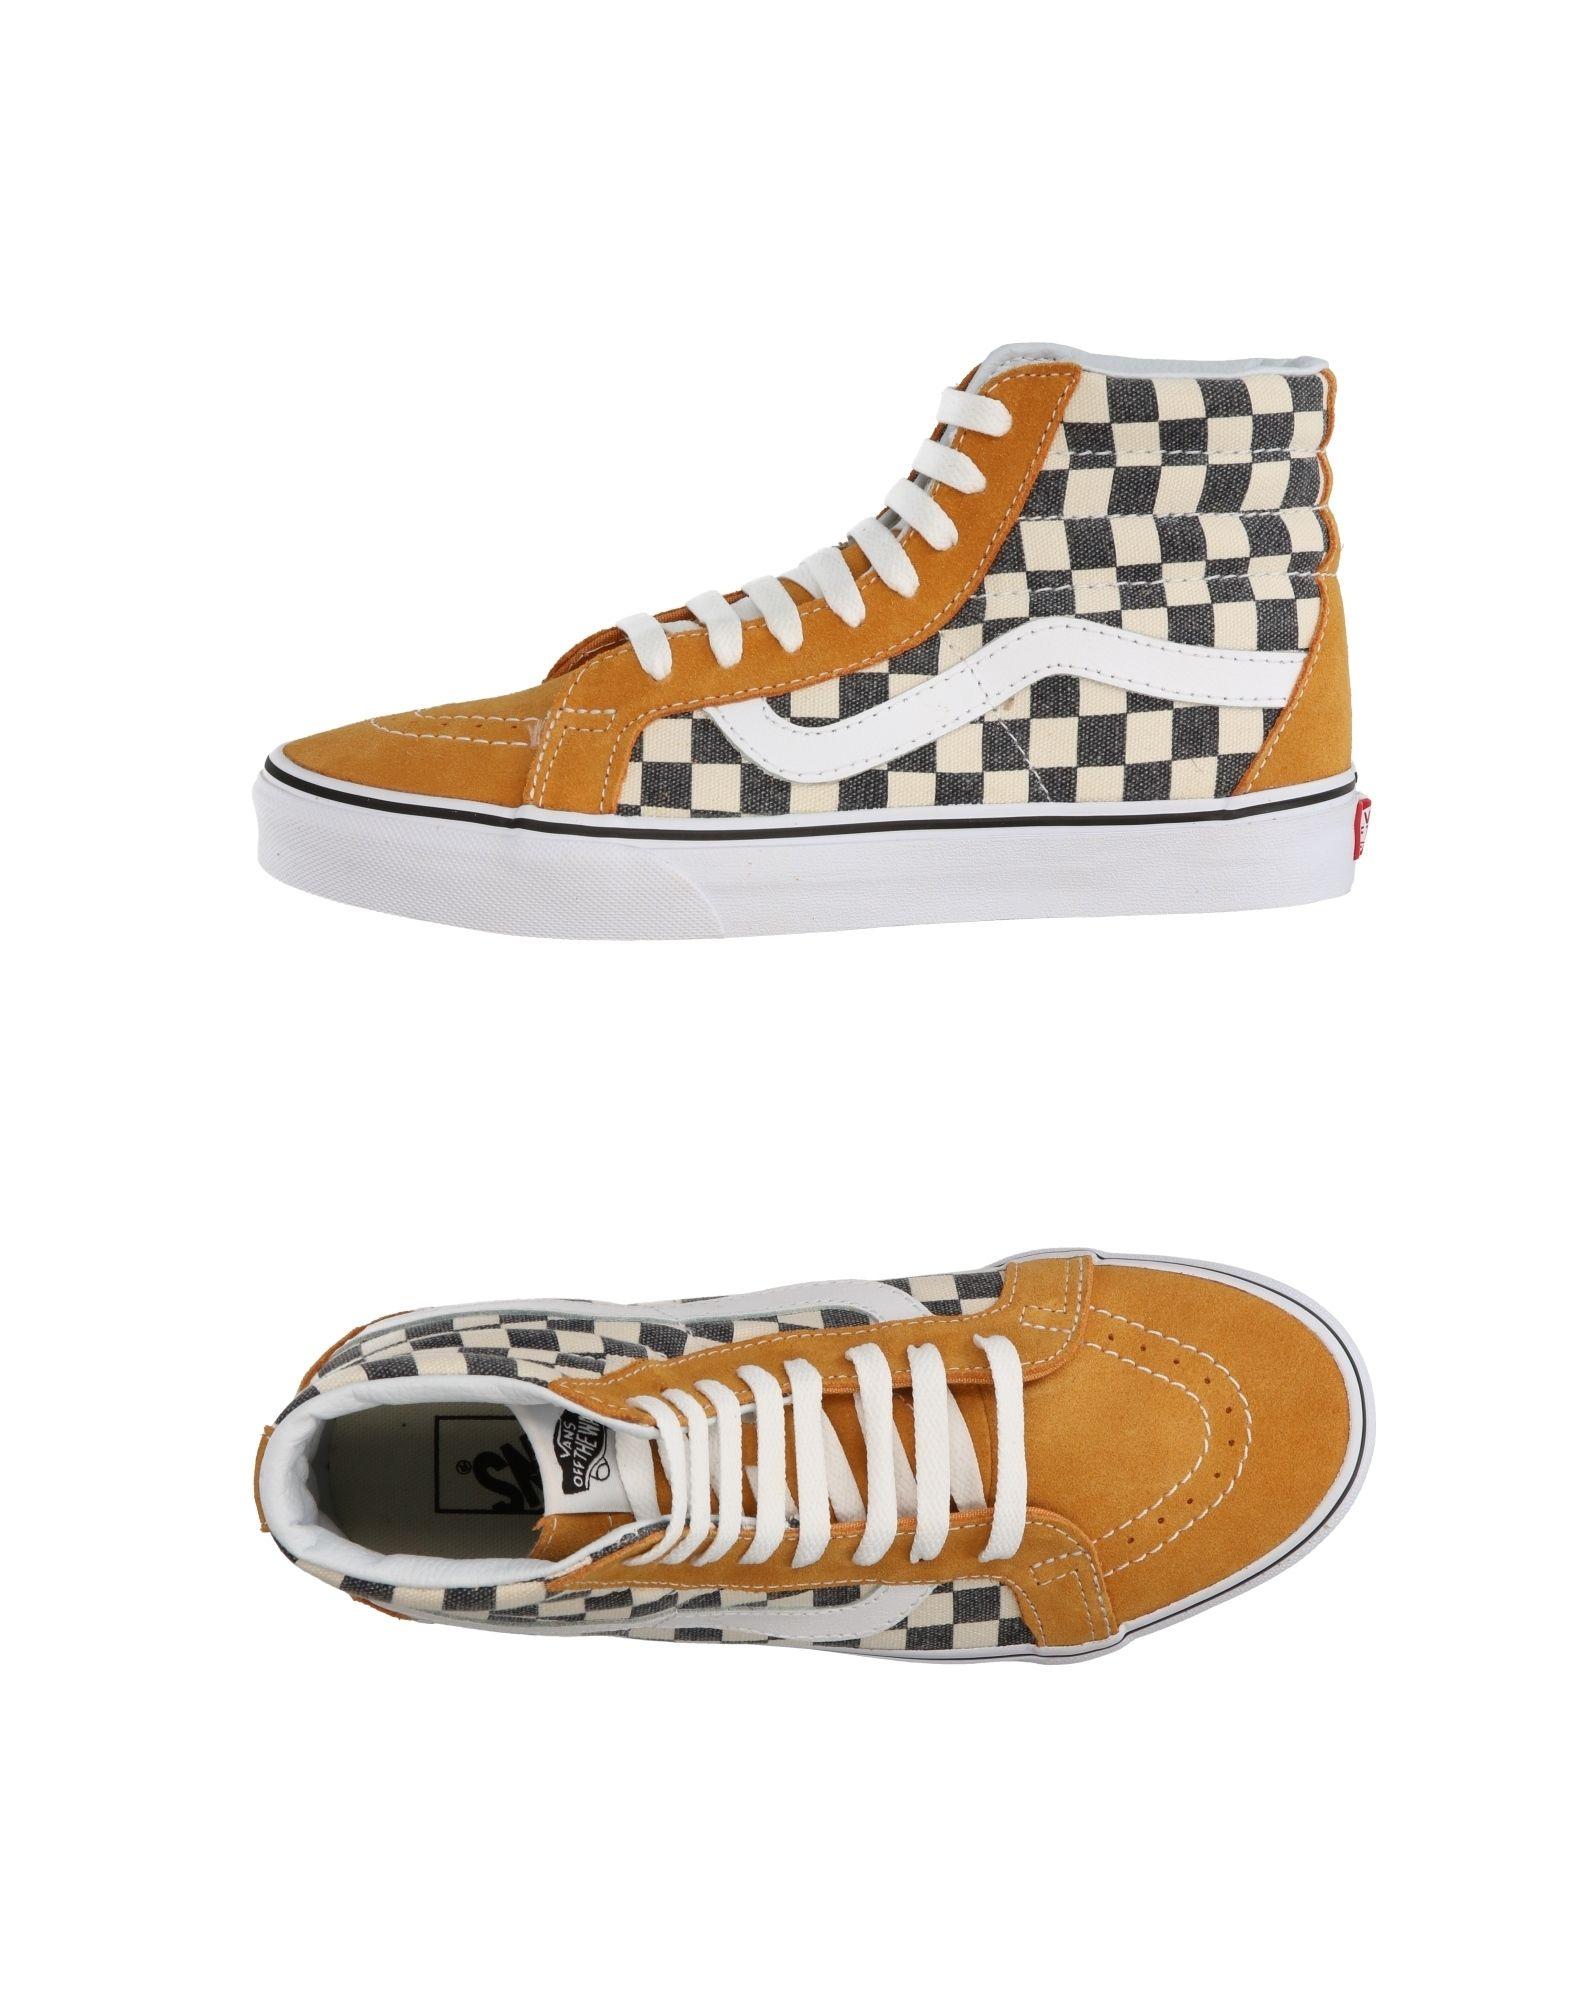 11258607SO Vans Sneakers Herren  11258607SO  2f3e9e